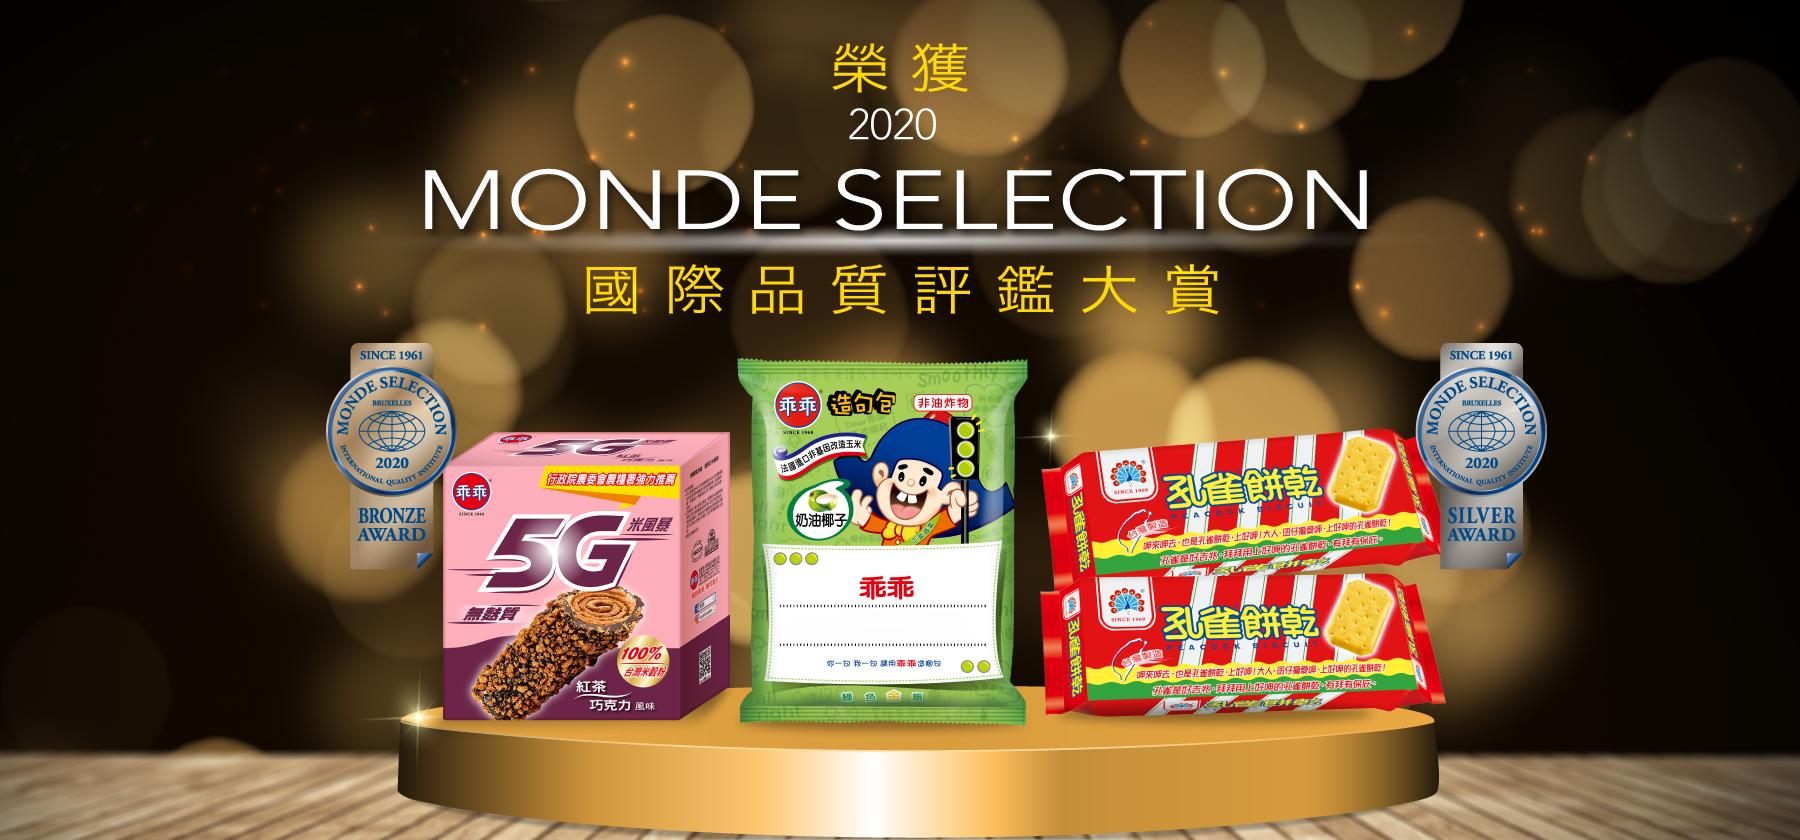 乖乖  mondeselection 孔雀餅乾 5G 獲獎 2020年